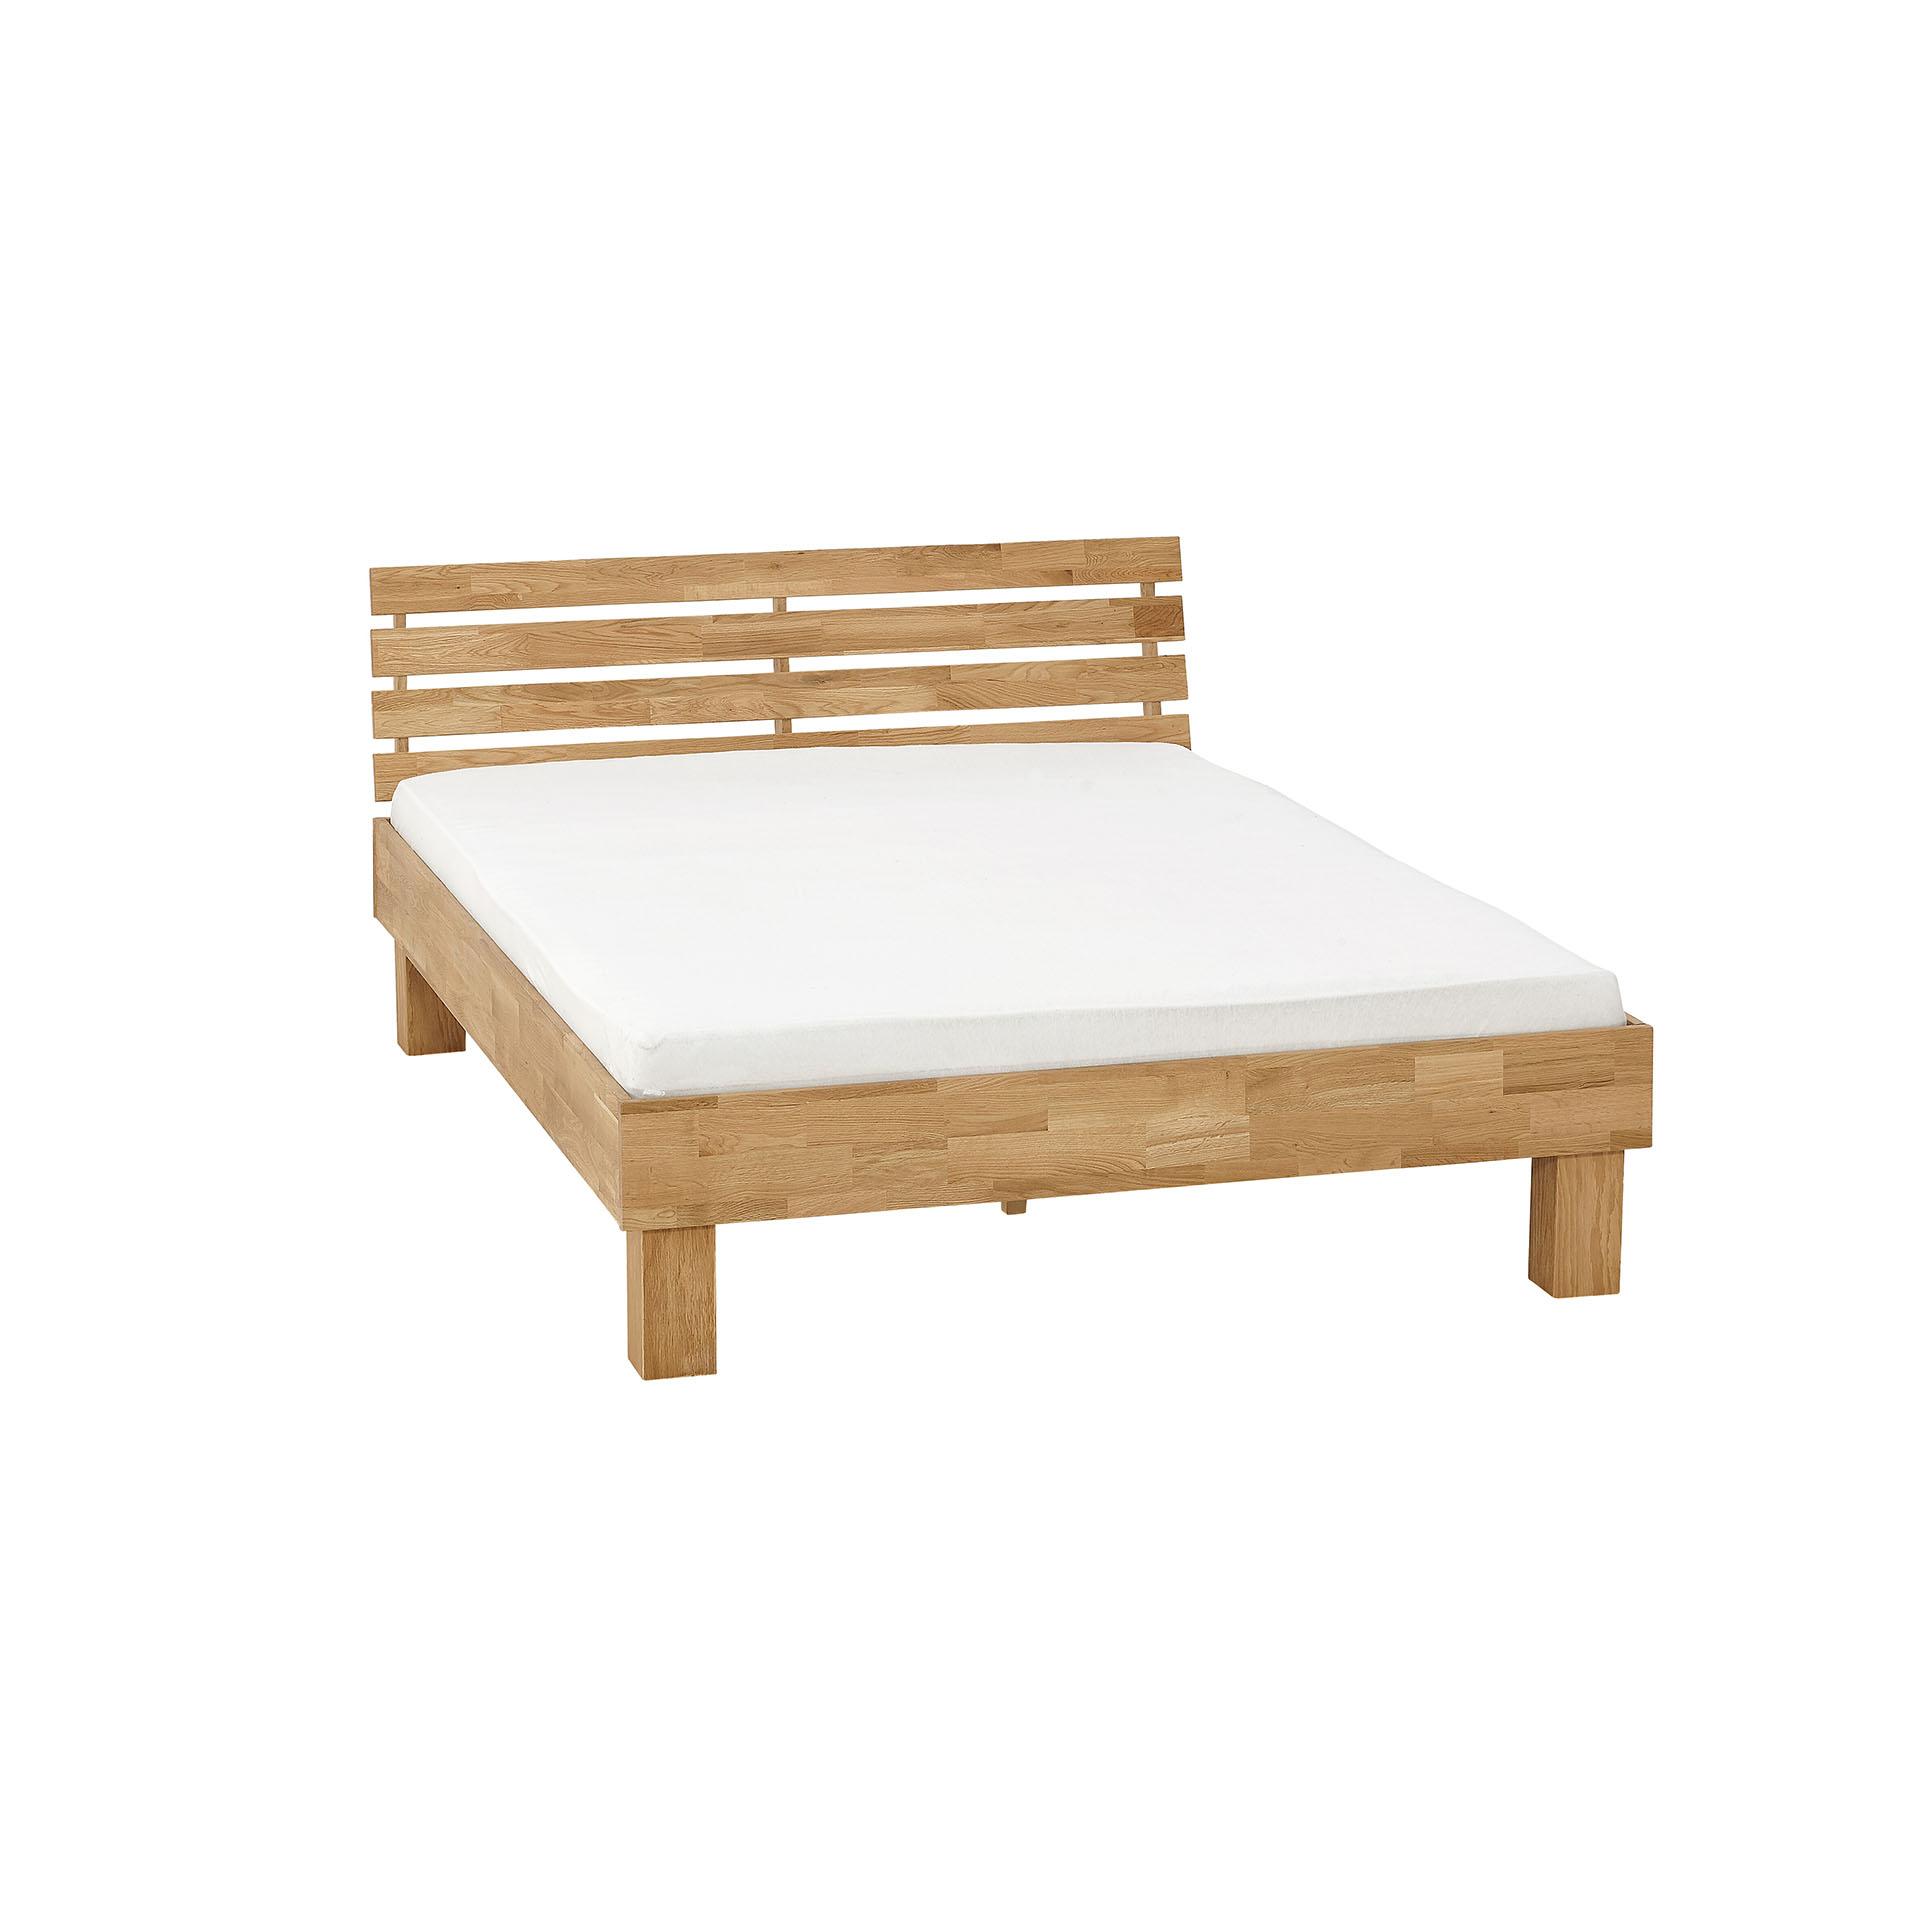 23 sparen bett fredrikshaven 140x200cm nur 199 95 cherry m bel d nisches bettenlager. Black Bedroom Furniture Sets. Home Design Ideas